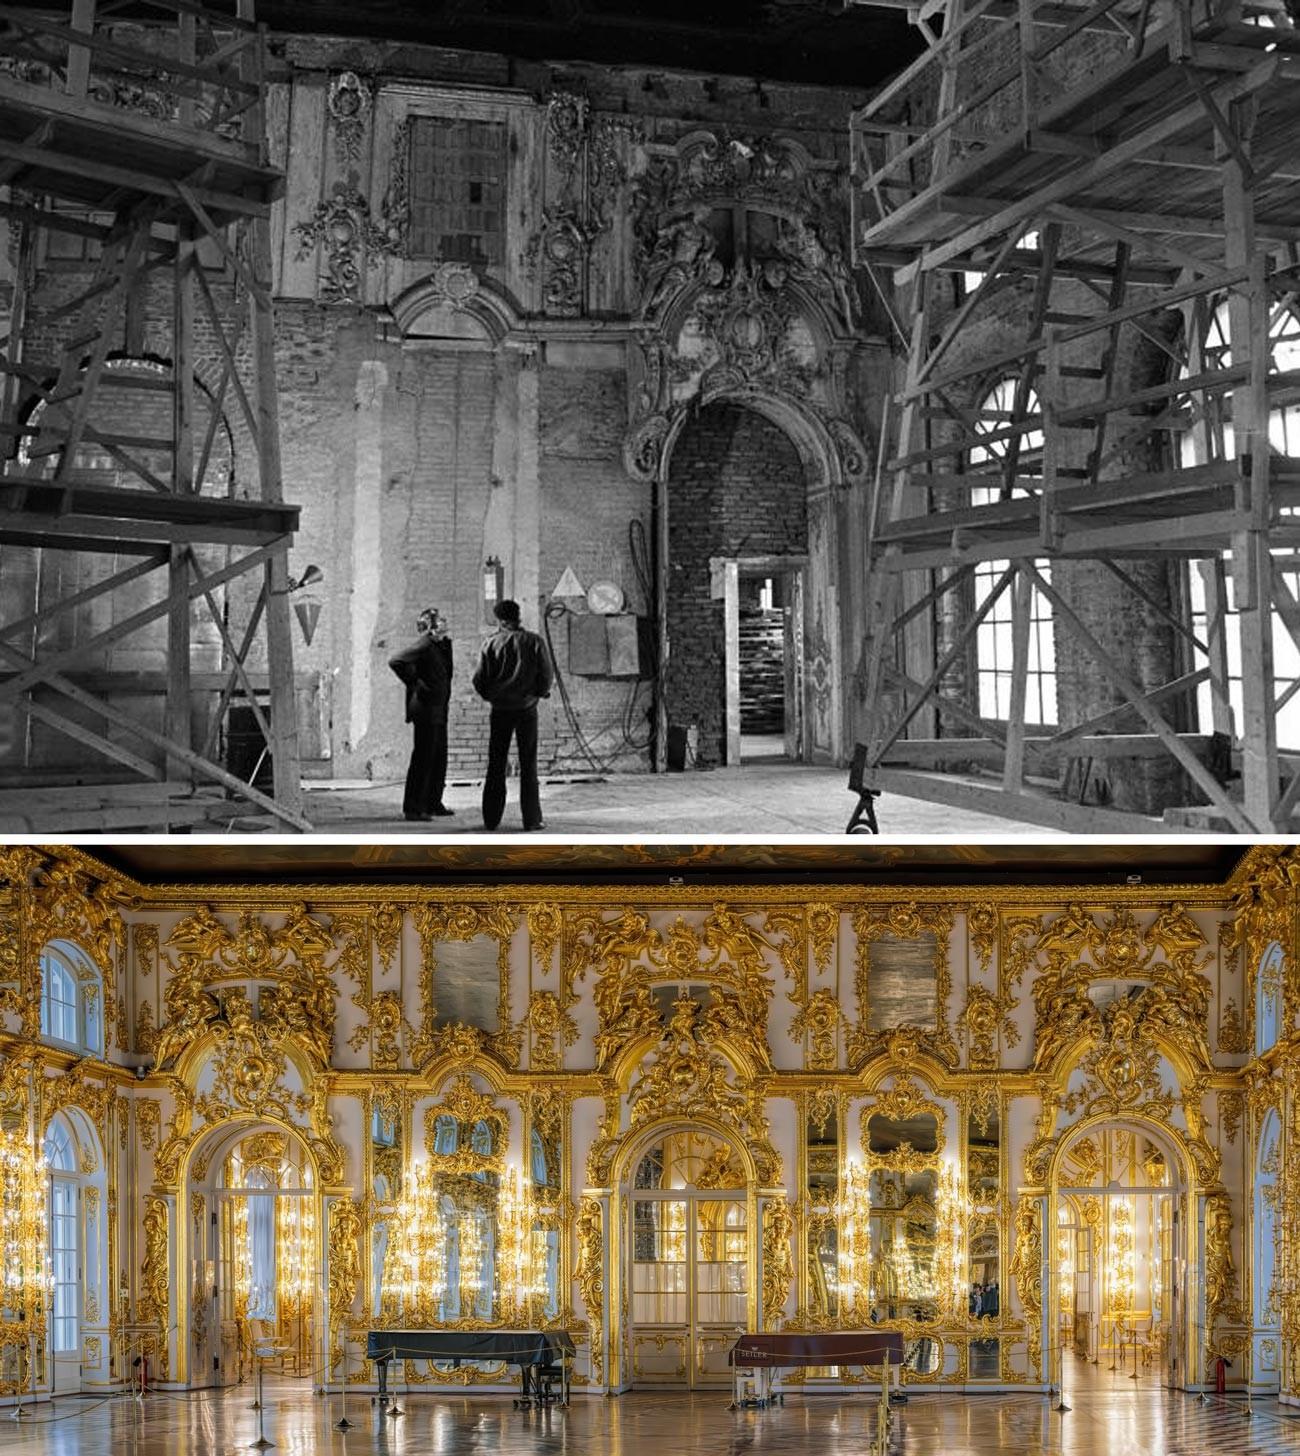 Die Große Halle des Katharinenpalastes